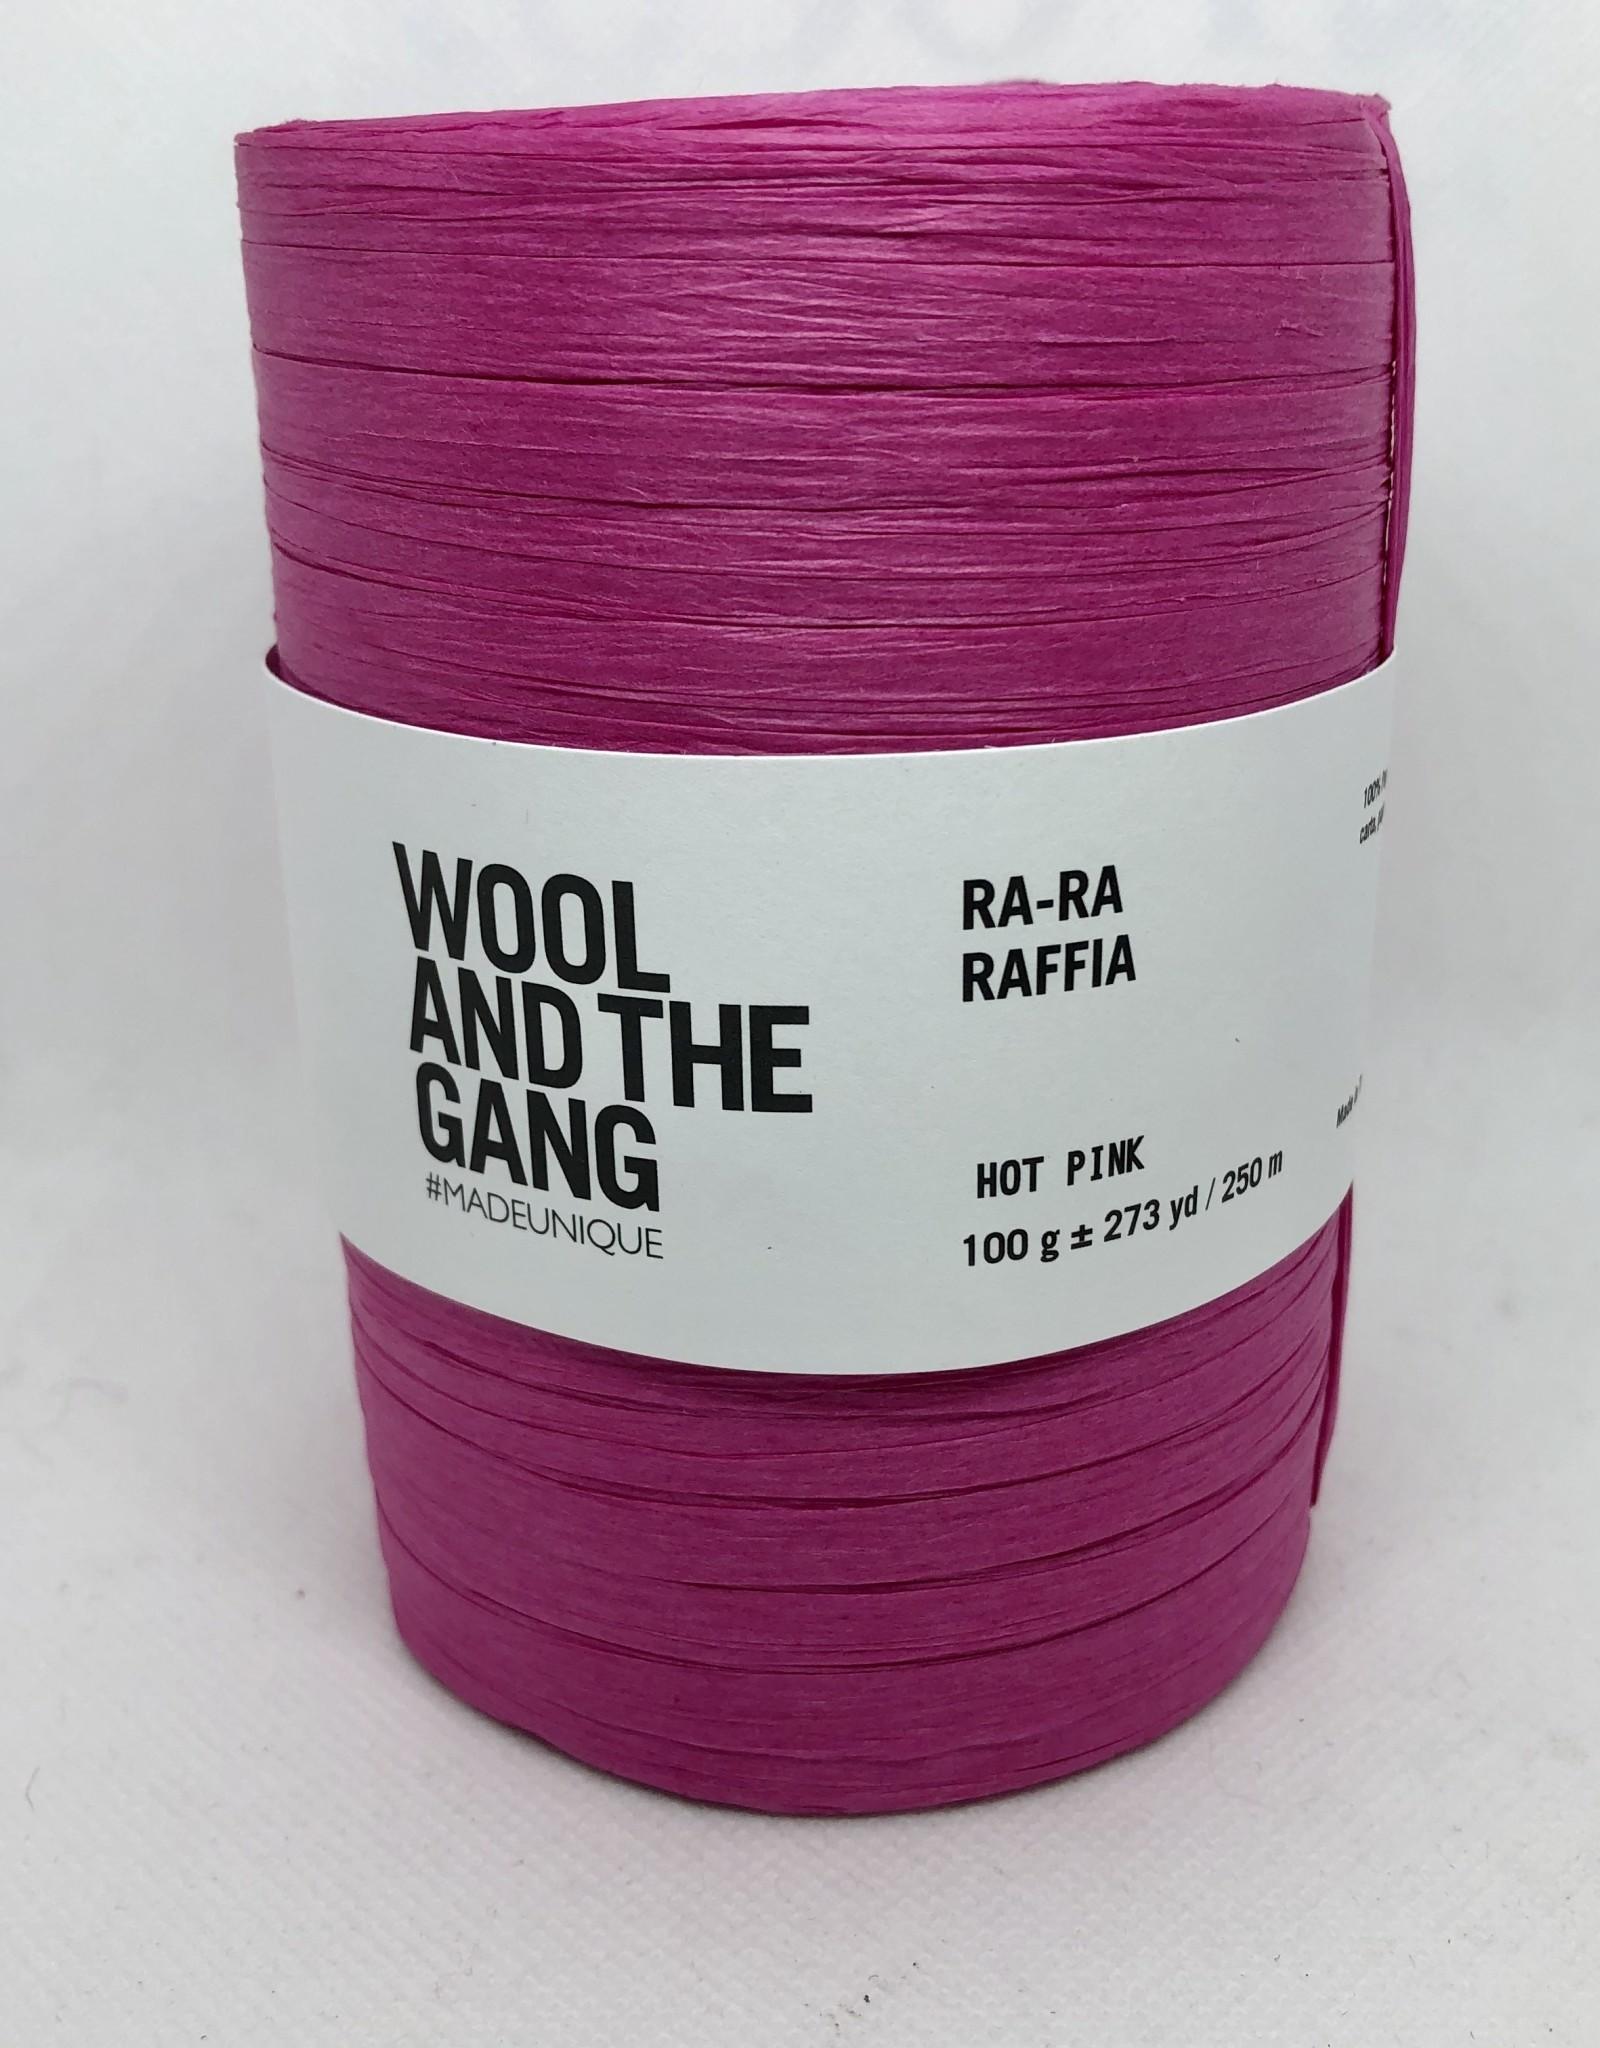 Wool and the Gang Ra-Ra-Raffia